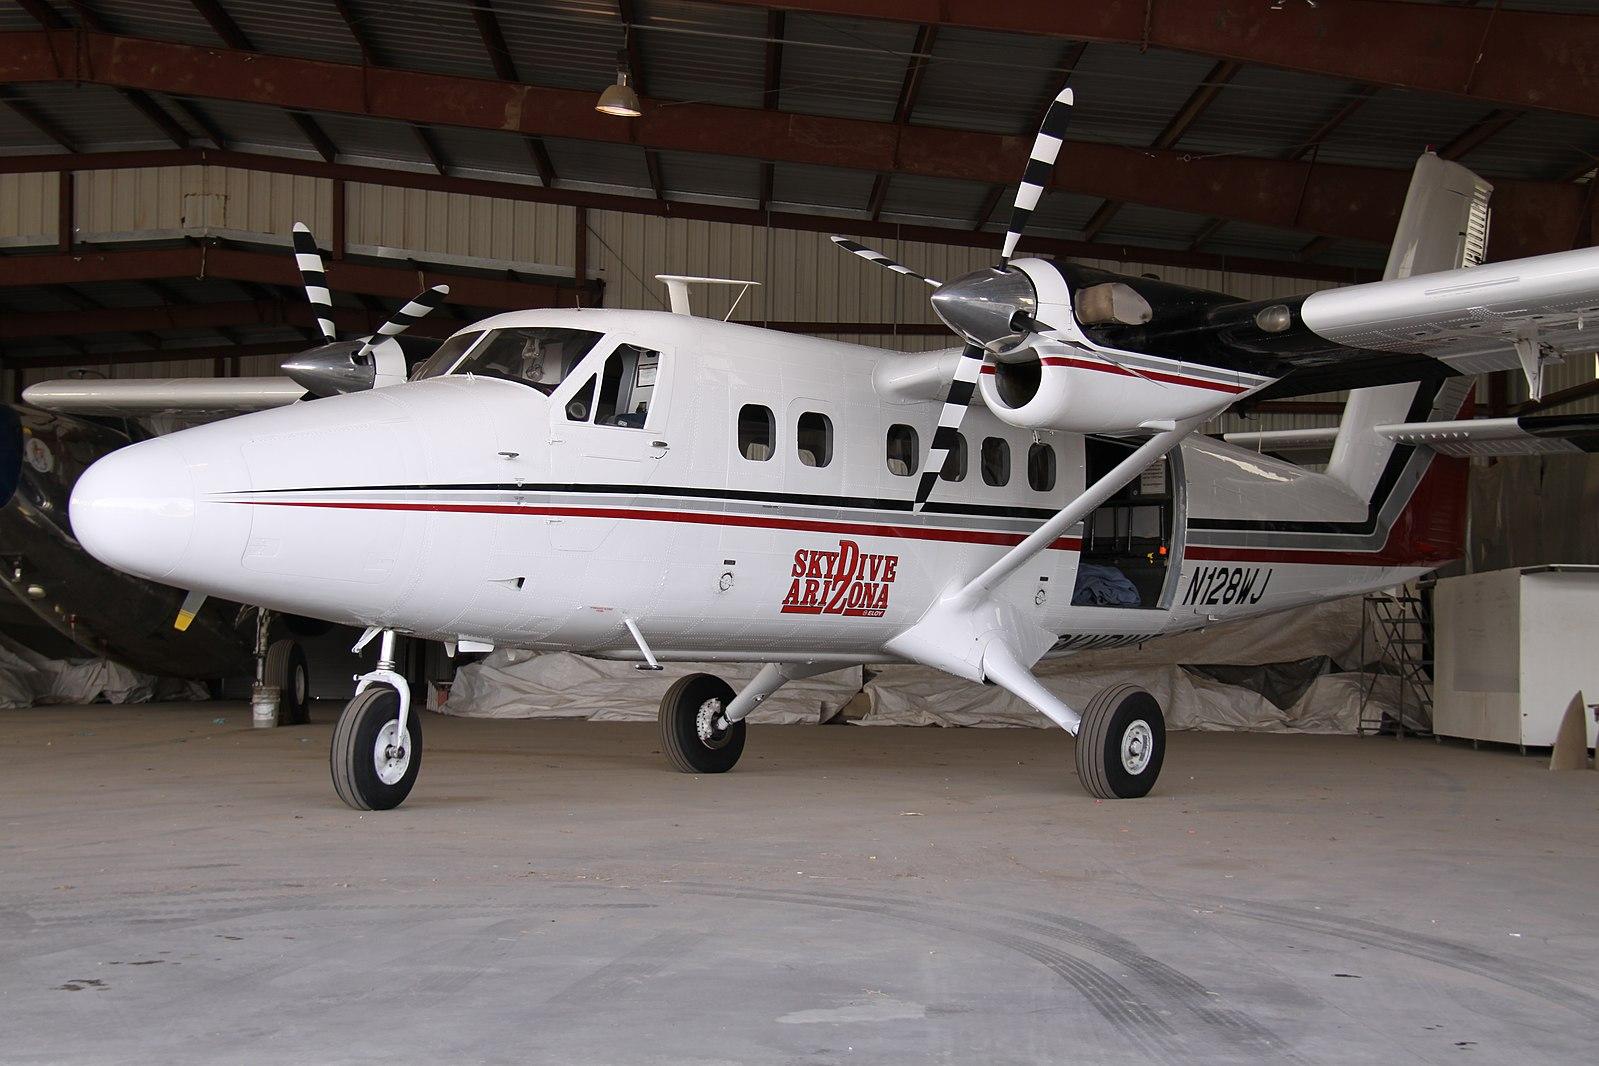 1599px-N128WJ_DHC-6_Twin_Otter_Skydive_Arizona_(8877713790).jpg